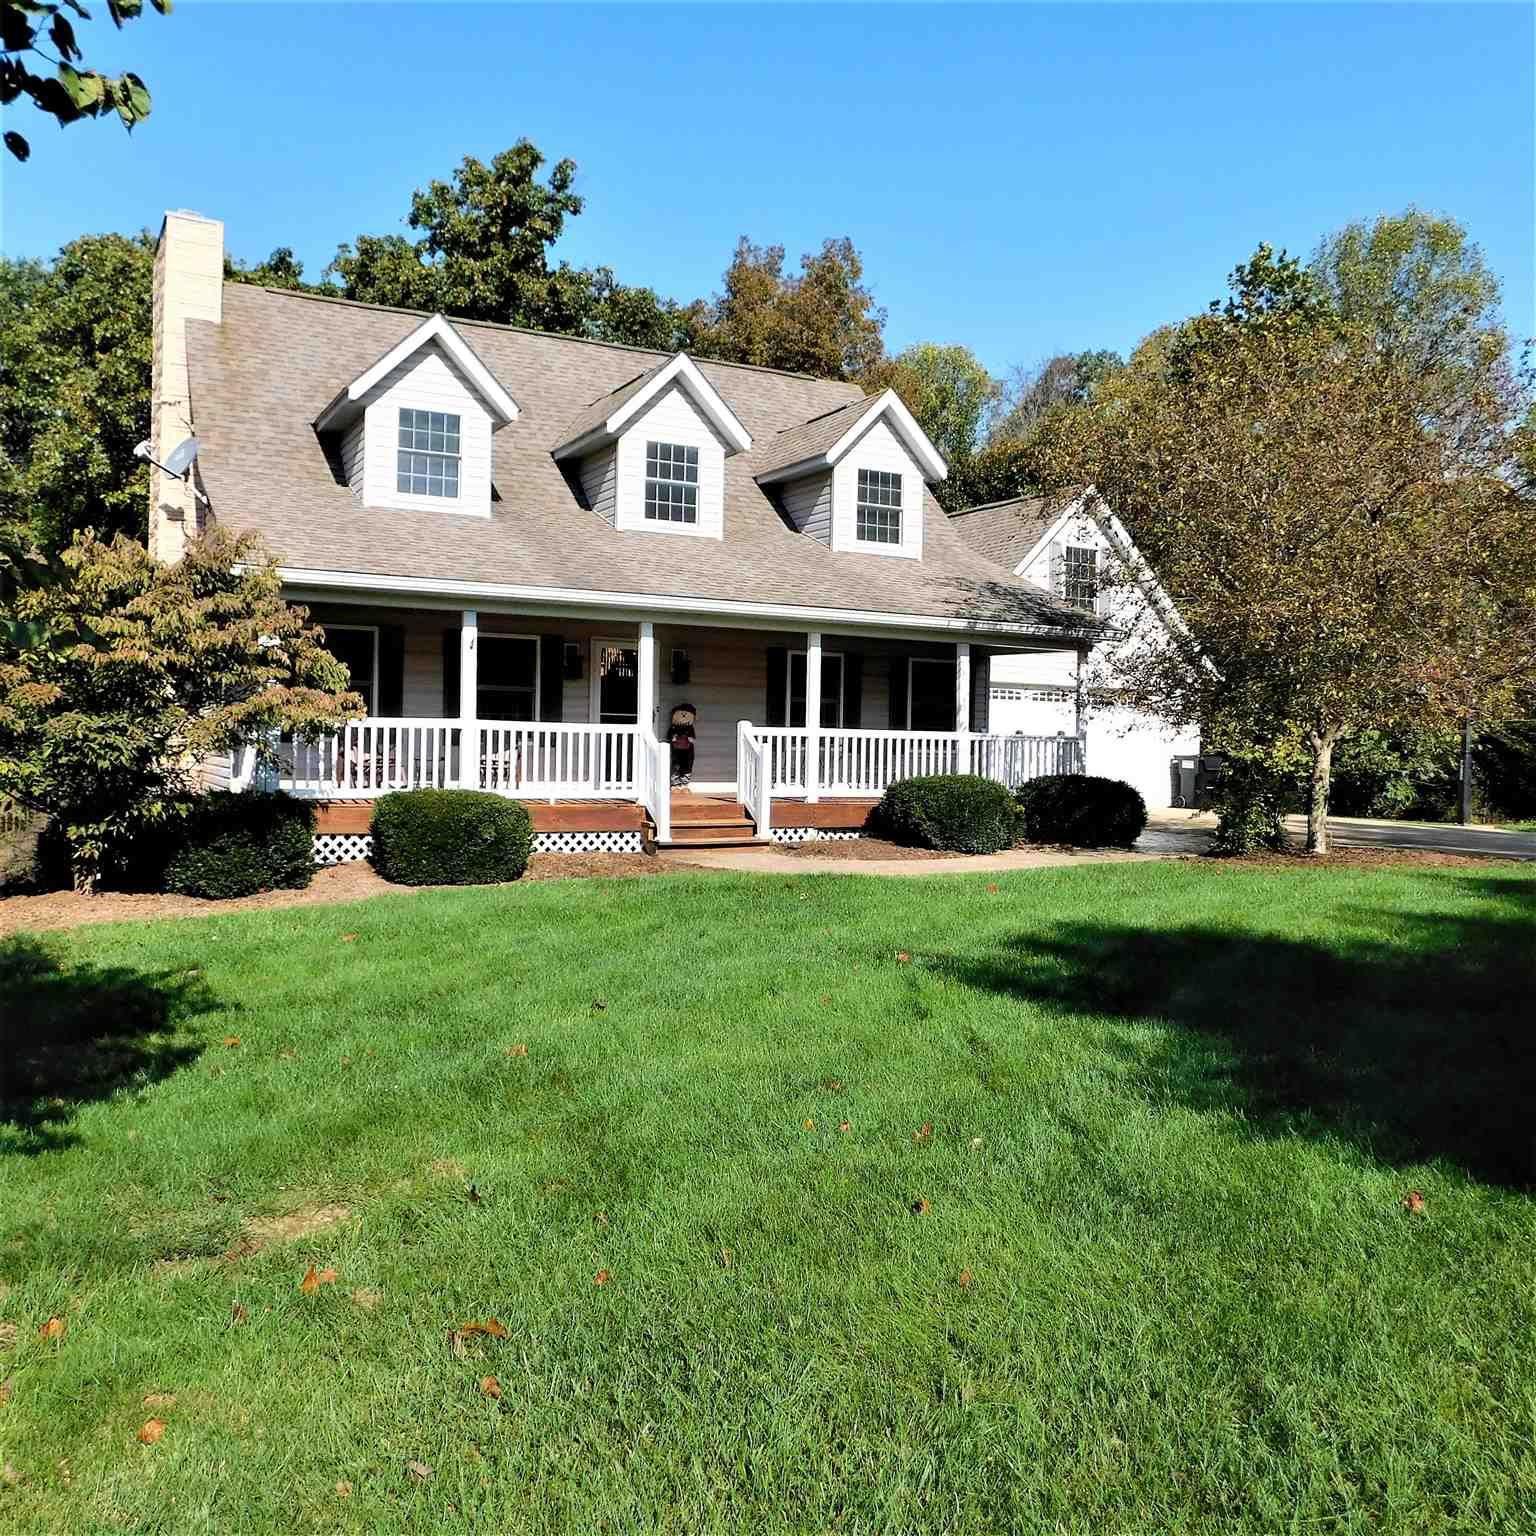 5033 N Richland Creek Road                                                                               Solsberry                                                                      , IN - $385,000